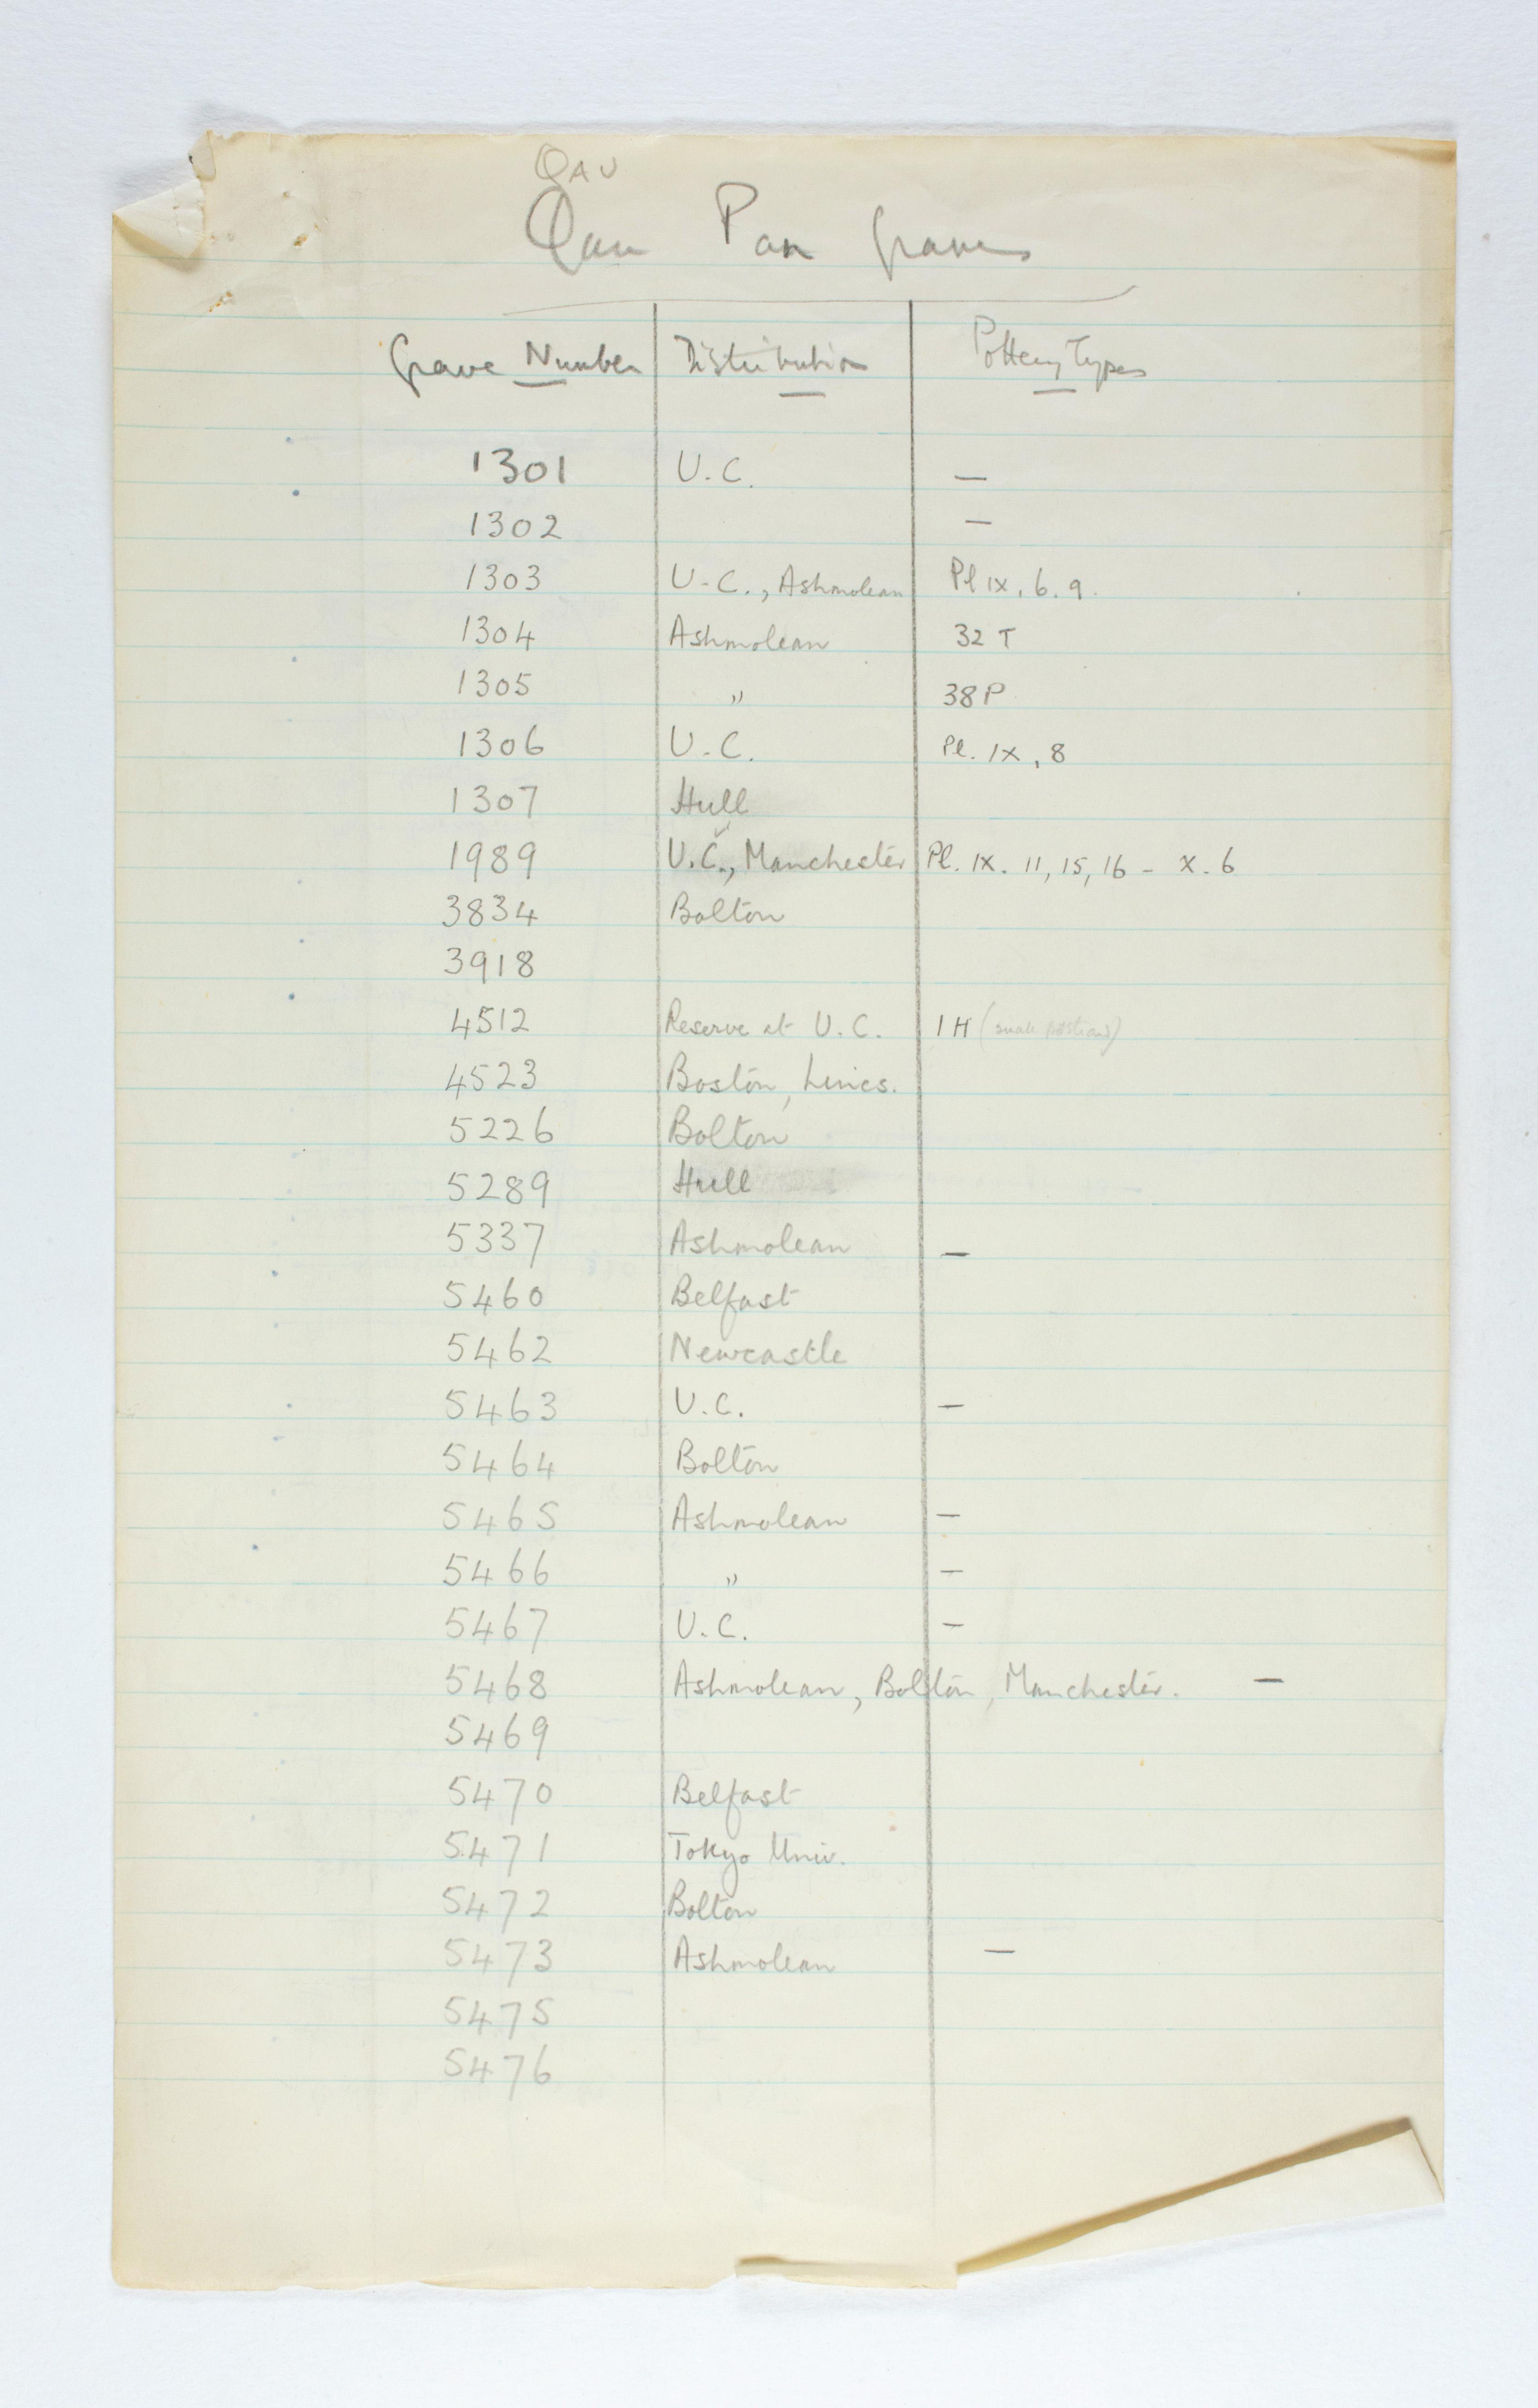 1929-30 Qau el-Kebir, Mostagedda Multiple institution list PMA/WFP1/D/31/1.1